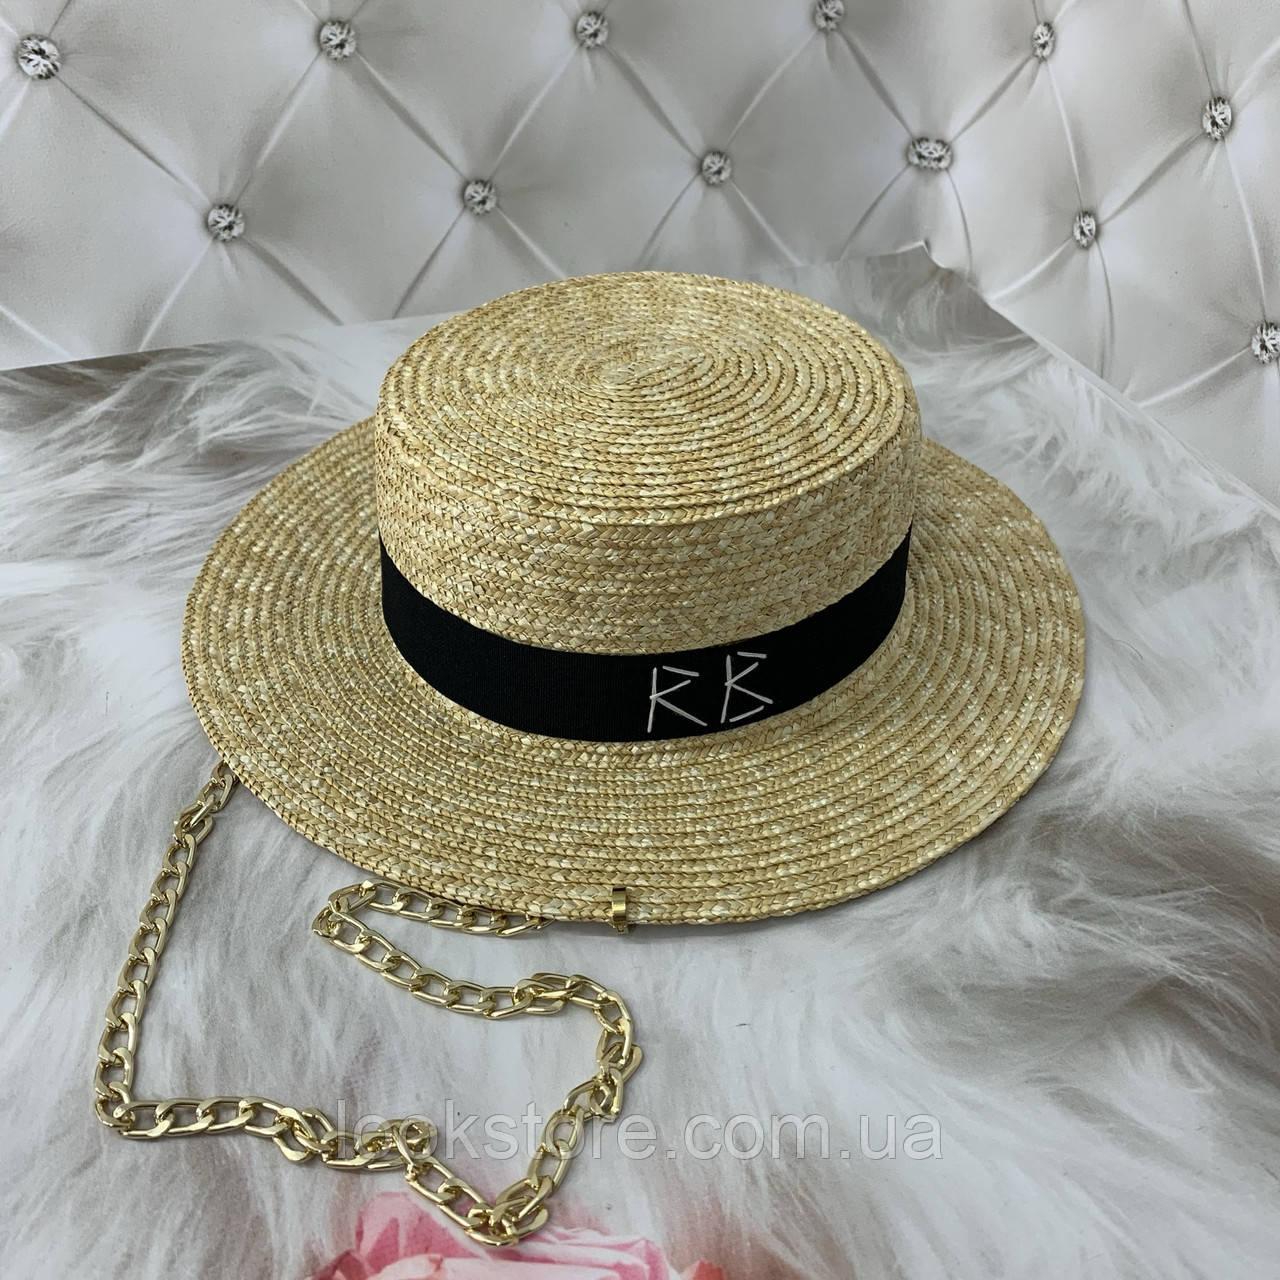 Солом'яний капелюшок канотьє з чорною стрічкою (поля 7 см)